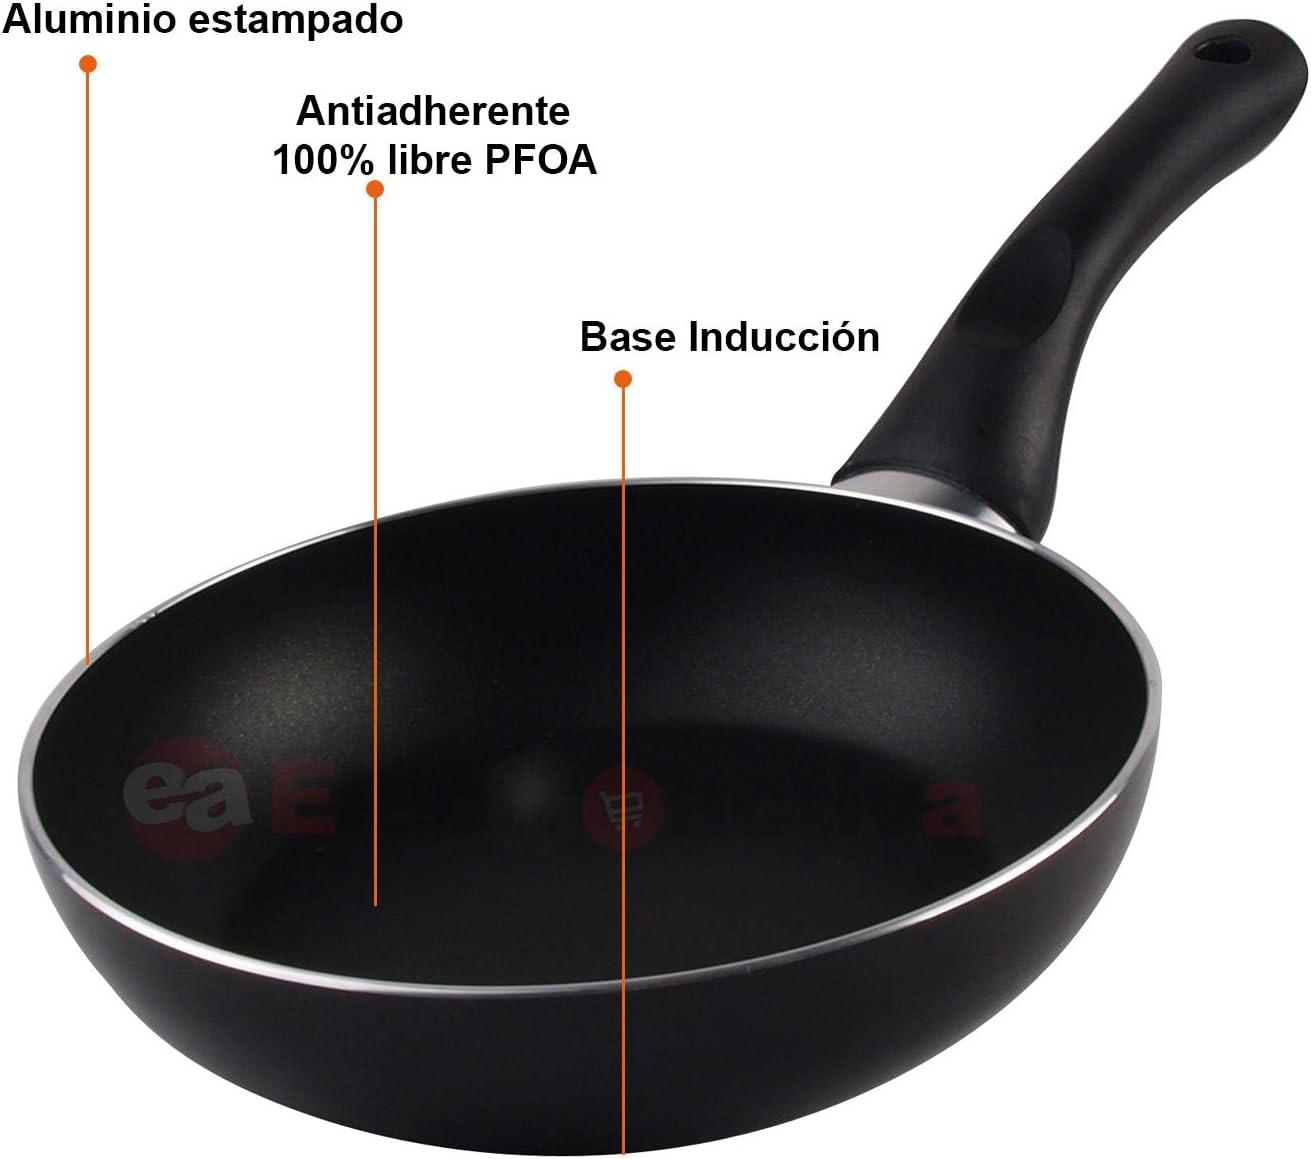 gas. Set Juego 3 Sartenes 20-24-28 cm aluminio Magefesa Vitral inducci/ón vitroceramica antiadherente libre de PFOA limpieza lavavajillas apta para todas las cocinas